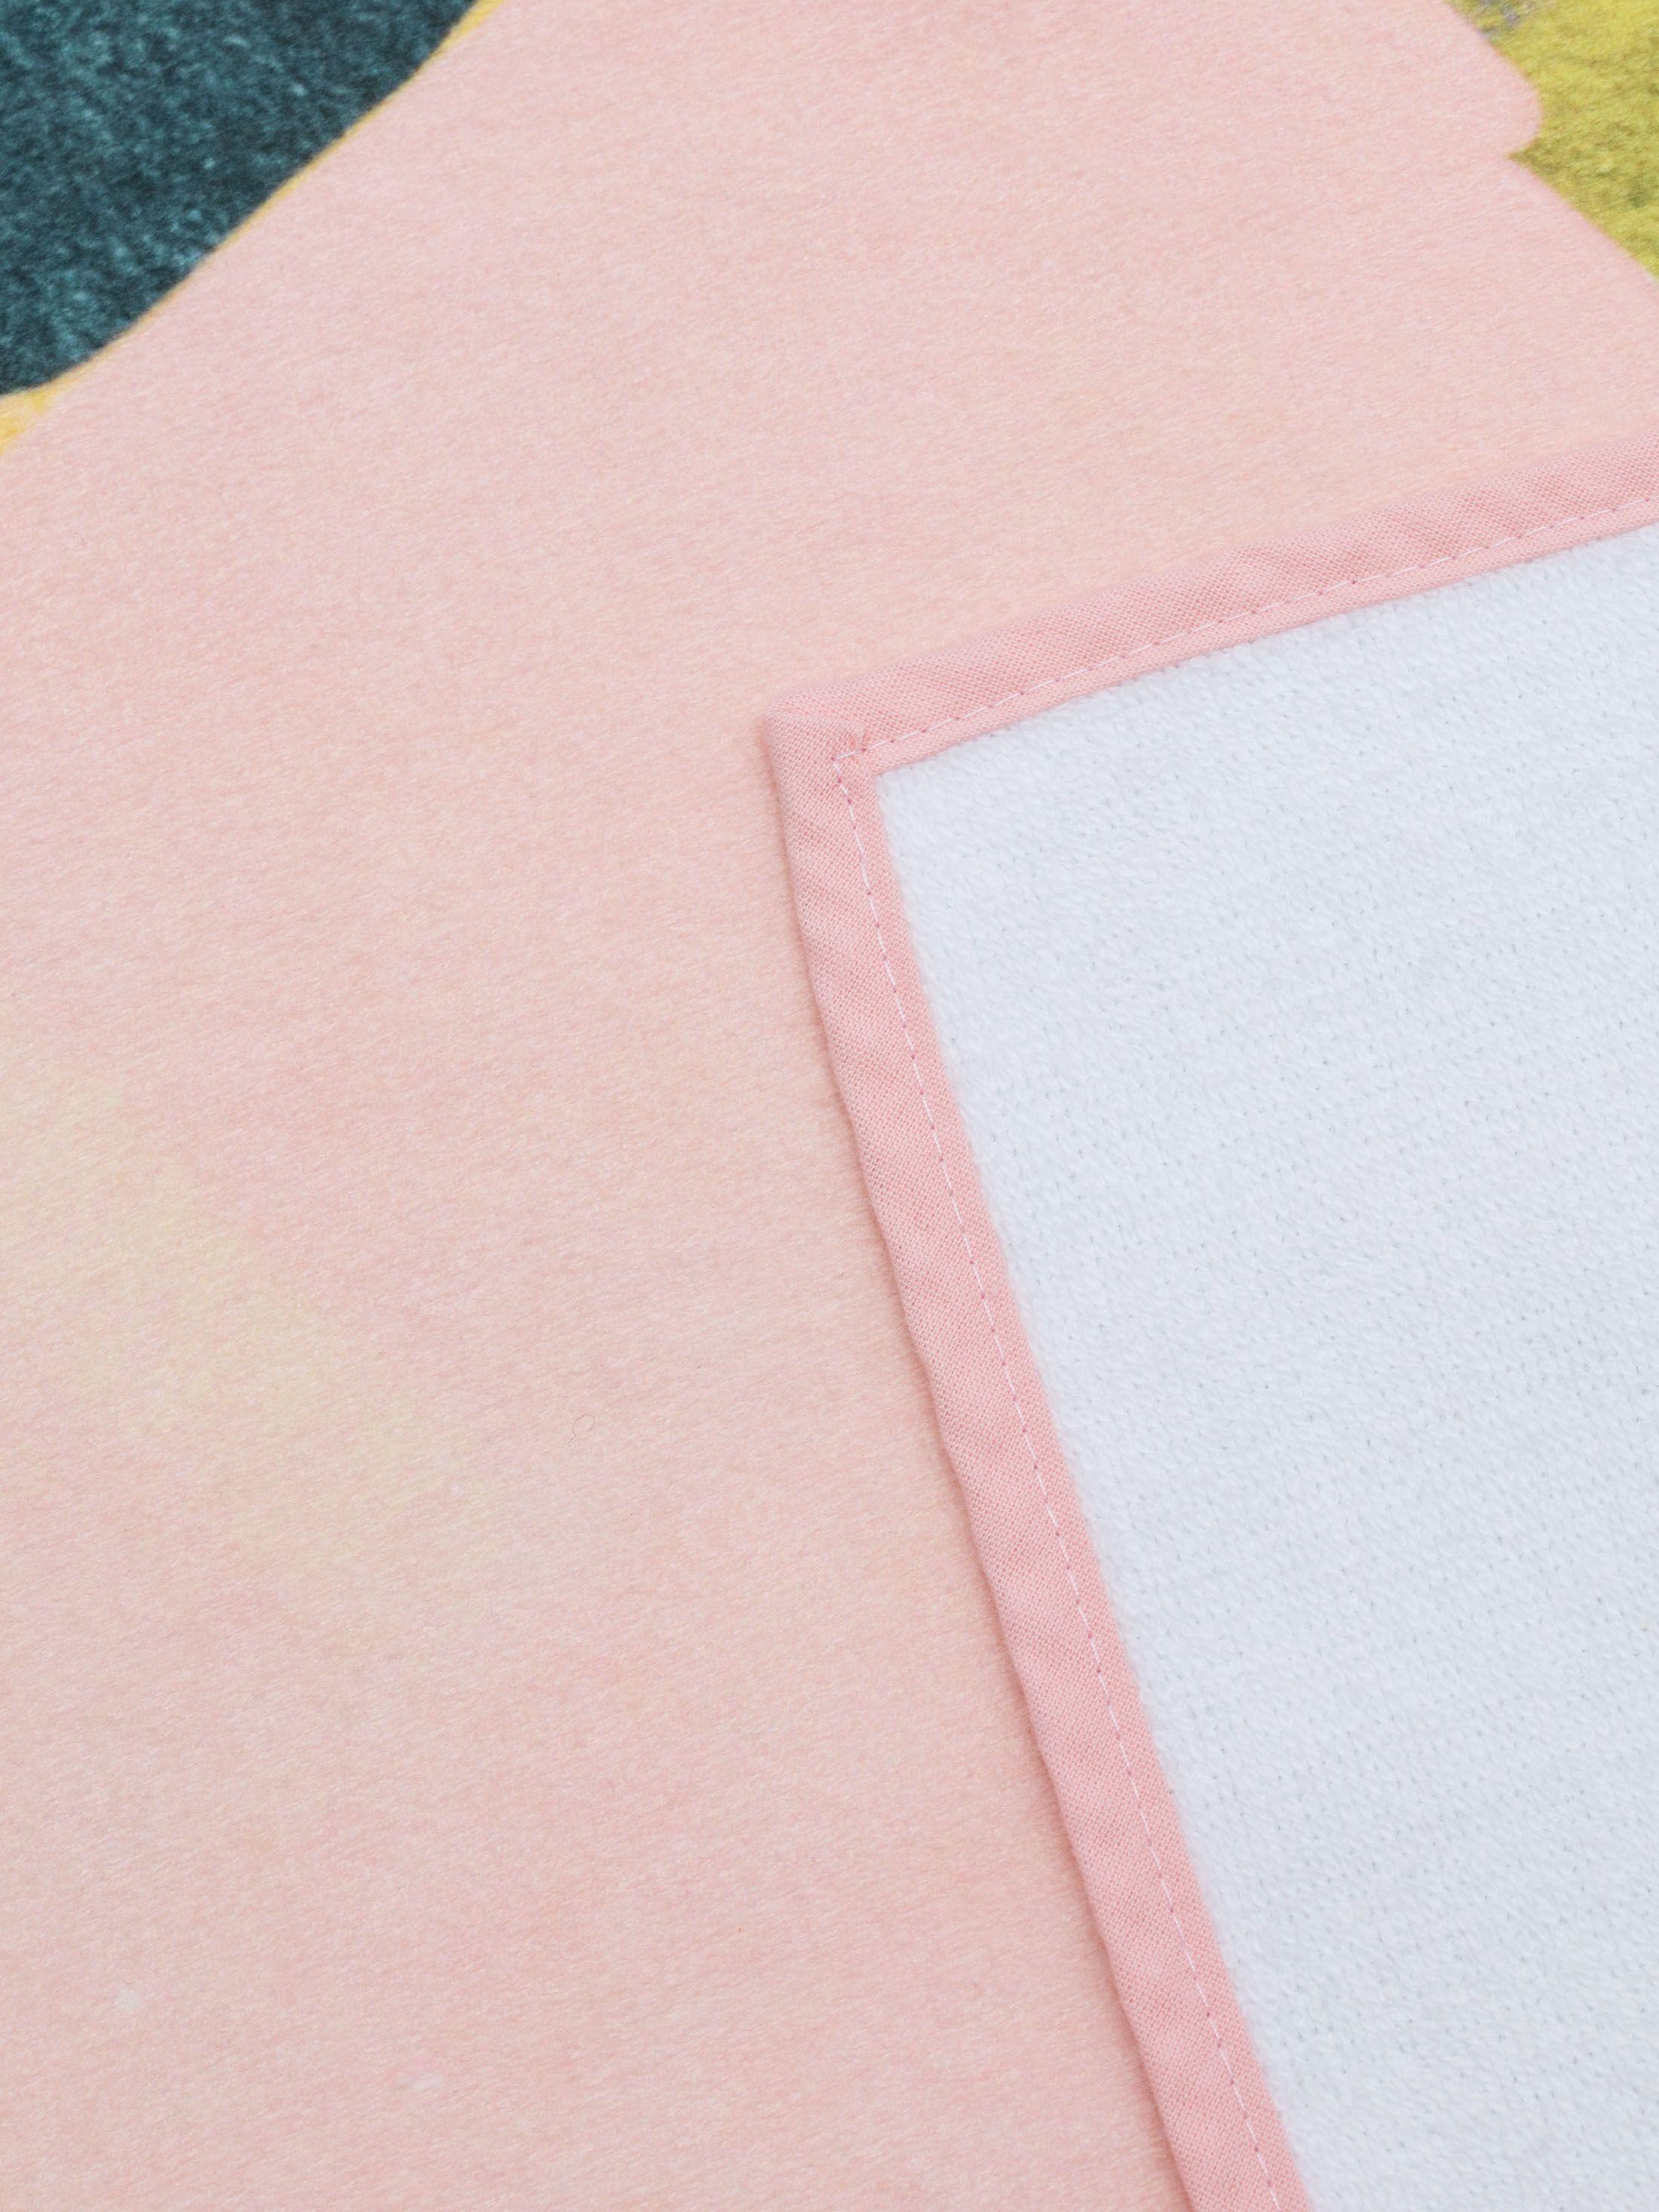 details bedrukte badlakens